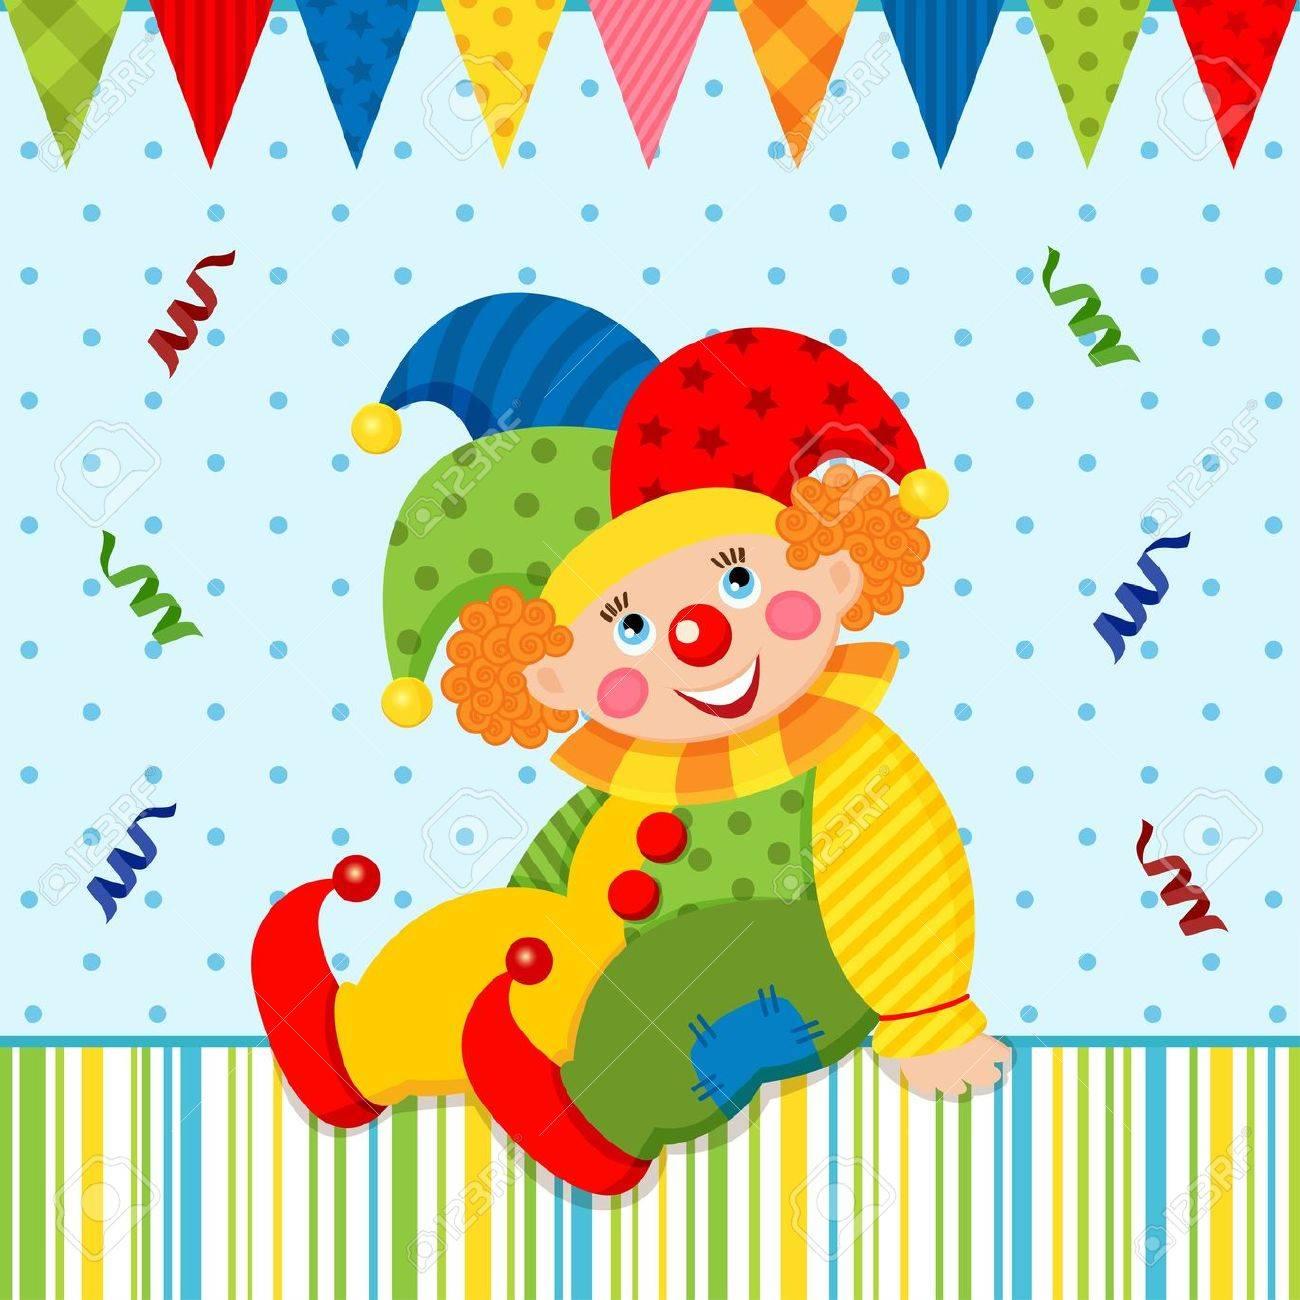 Clown Joker Standard-Bild - 18023467